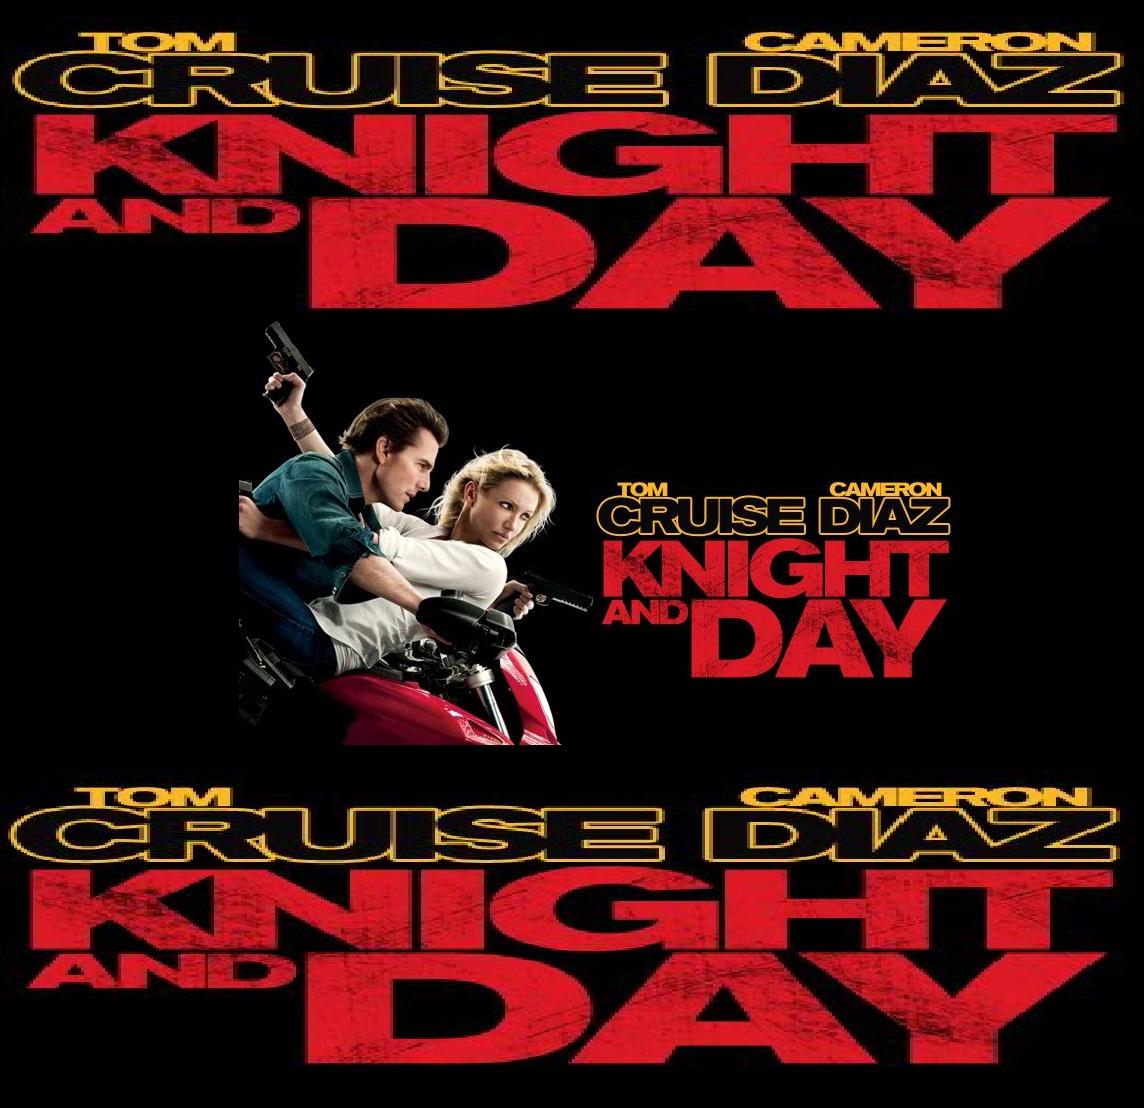 http://2.bp.blogspot.com/_bvCb8nvIuW0/TC-r0oyCVJI/AAAAAAAAFVs/b3tRZEQSE40/s1600/Knight+and+day.jpg